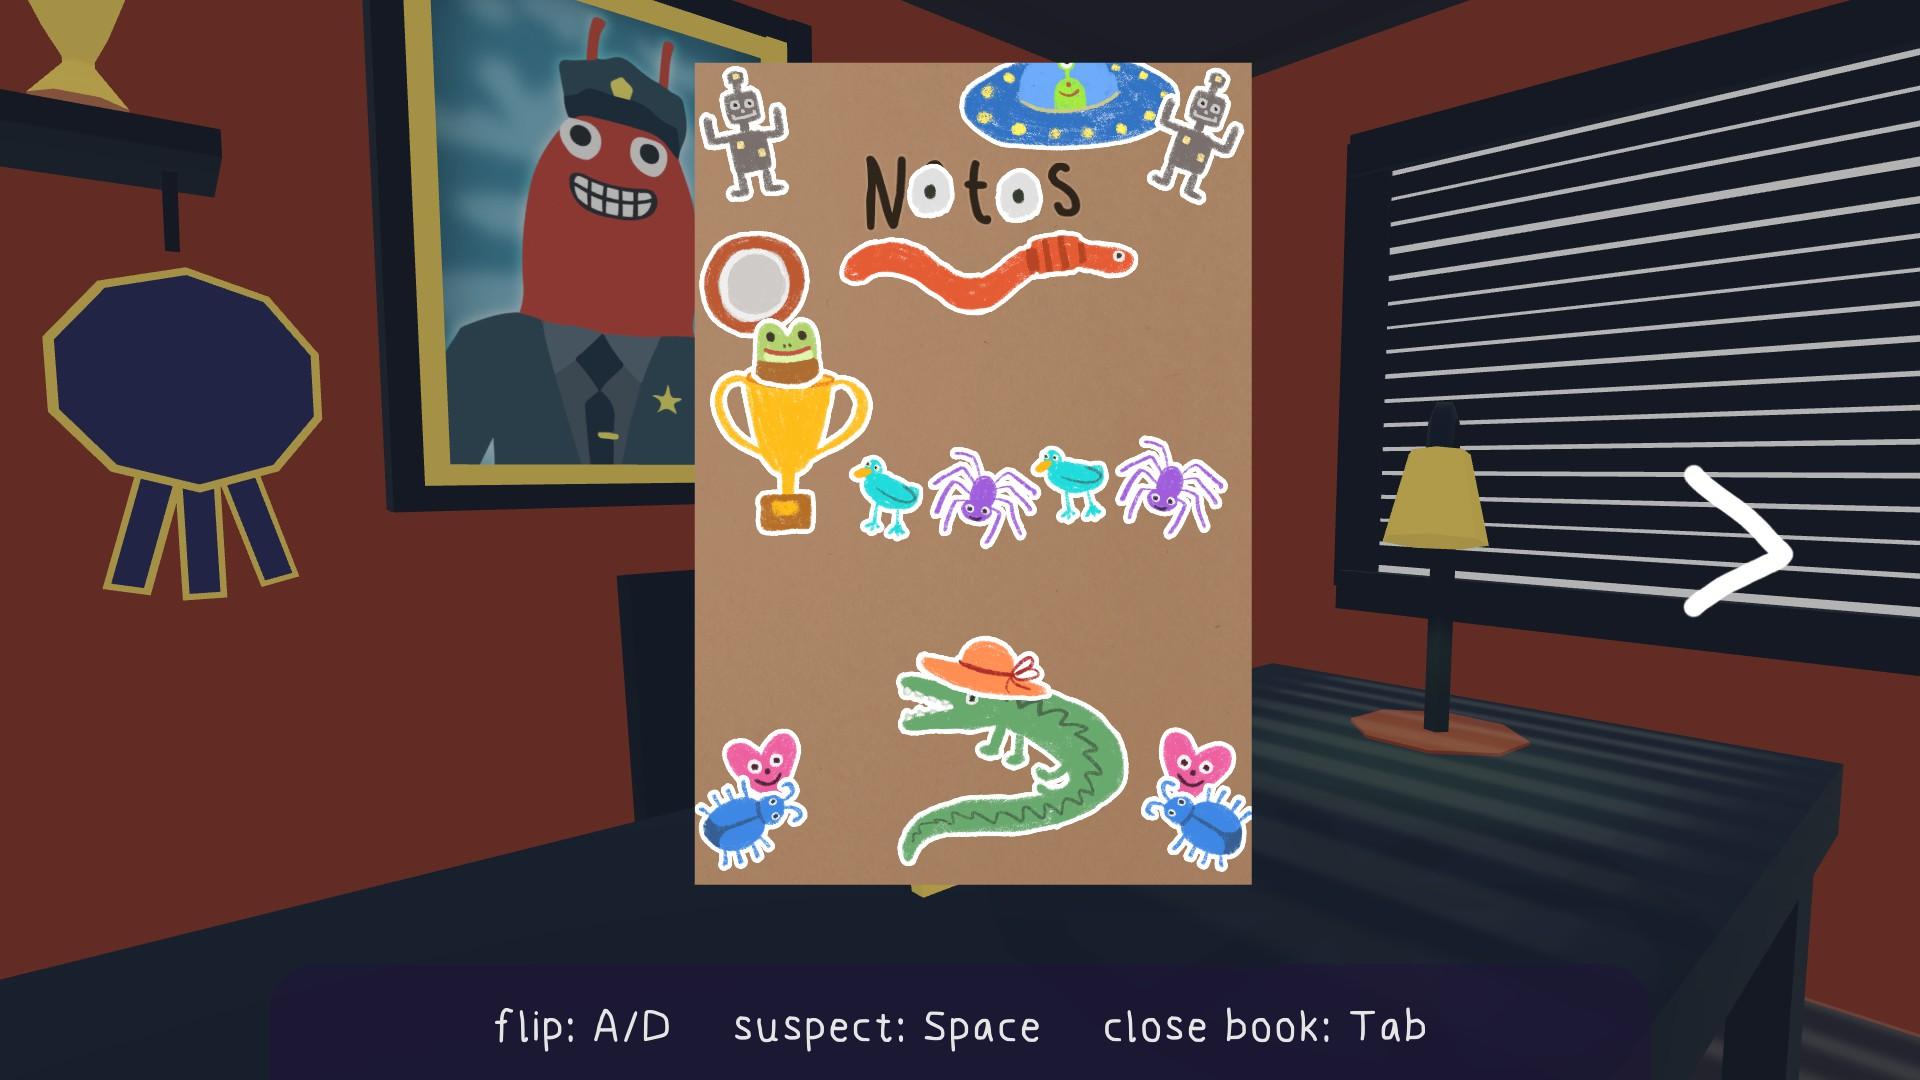 frog detective 2 jordo's notebook